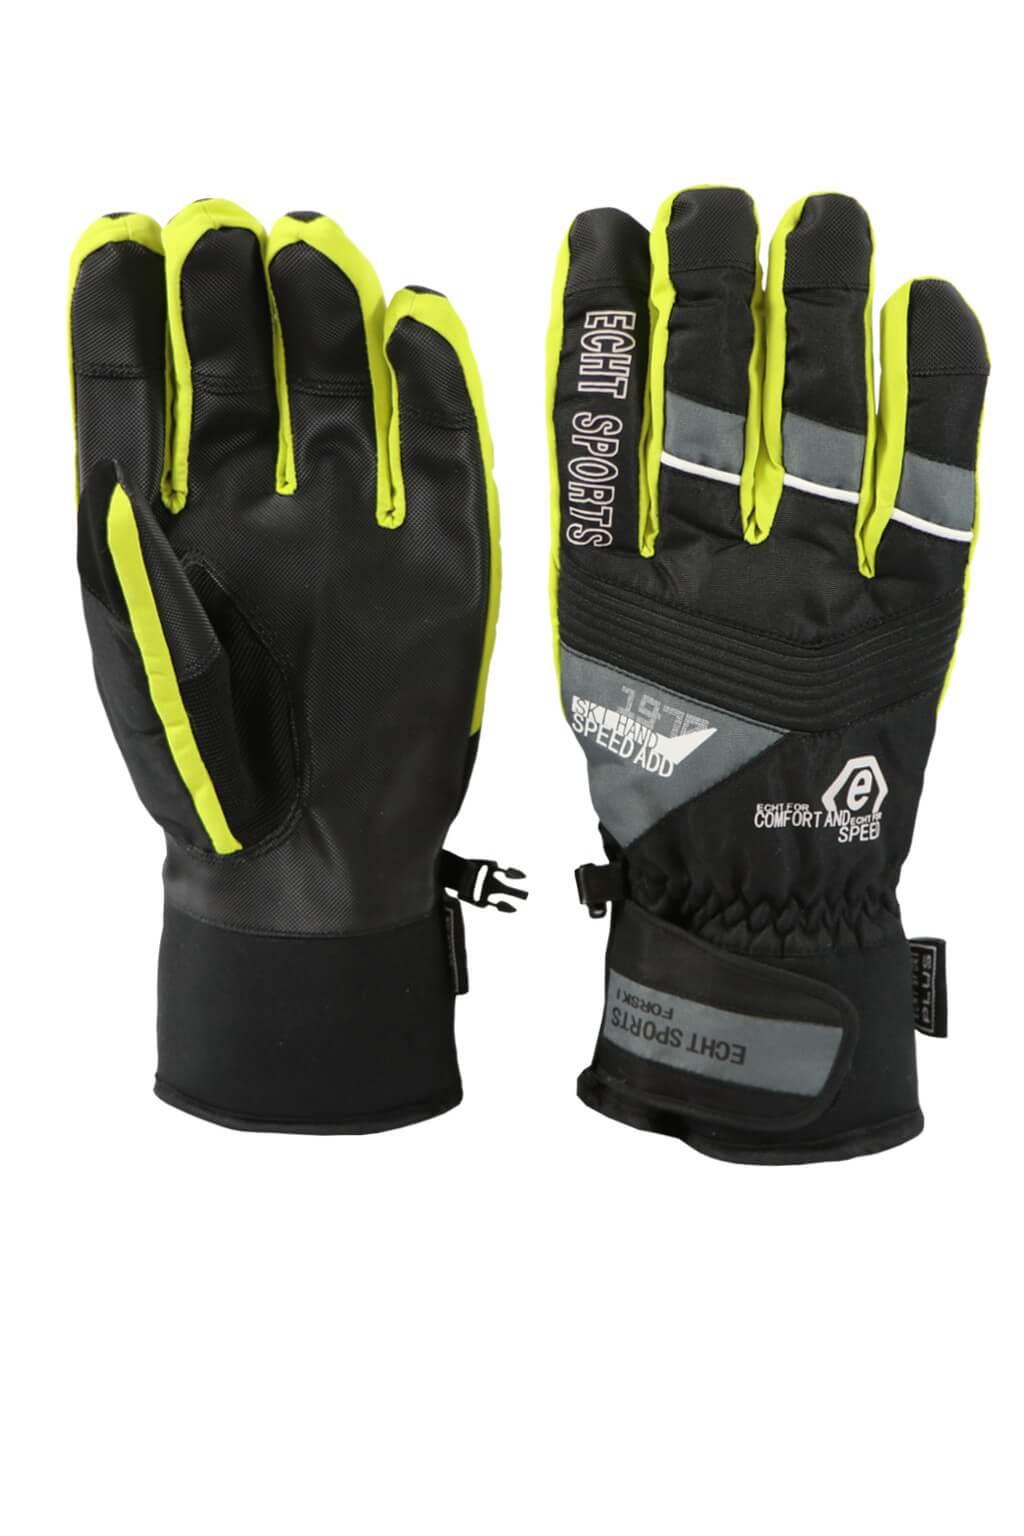 Bevis pánské lyžařské rukavice HX030 XL zelená 7ca48056df